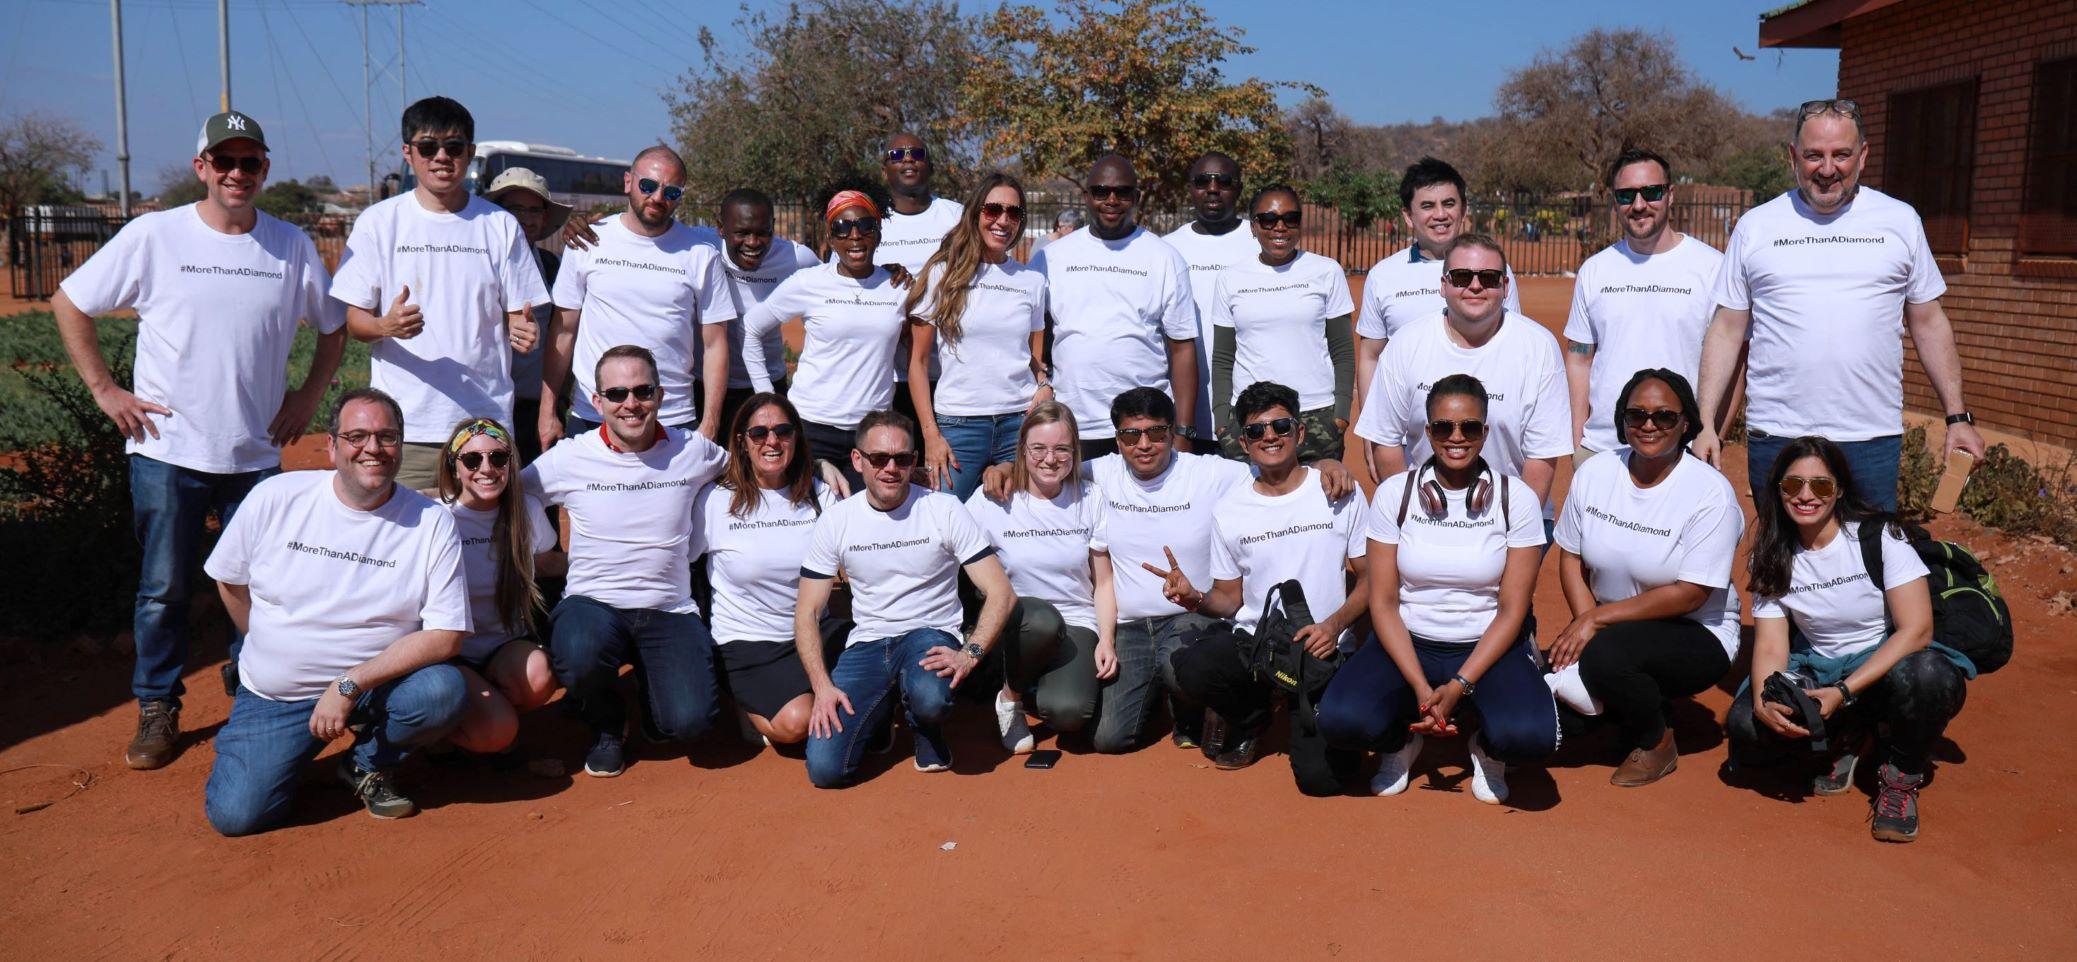 afrika-gruppe-schule-school-debeers-diamant-reise